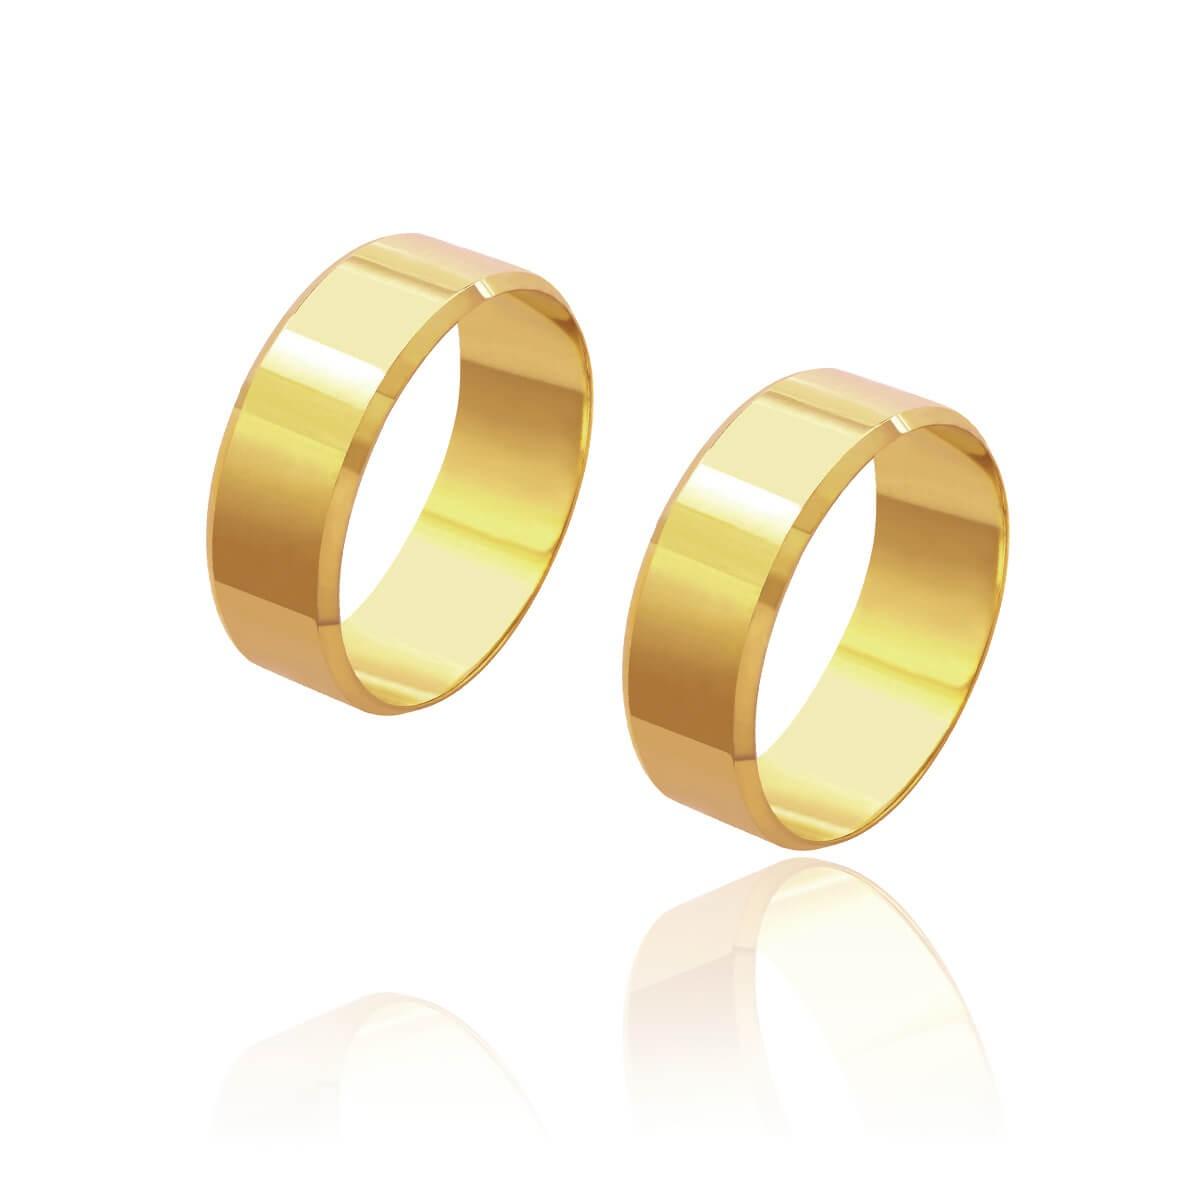 Par de Alianças de Casamento Cronos Ouro 18k Reta Laterais Chanfradas 7mm 9,2g